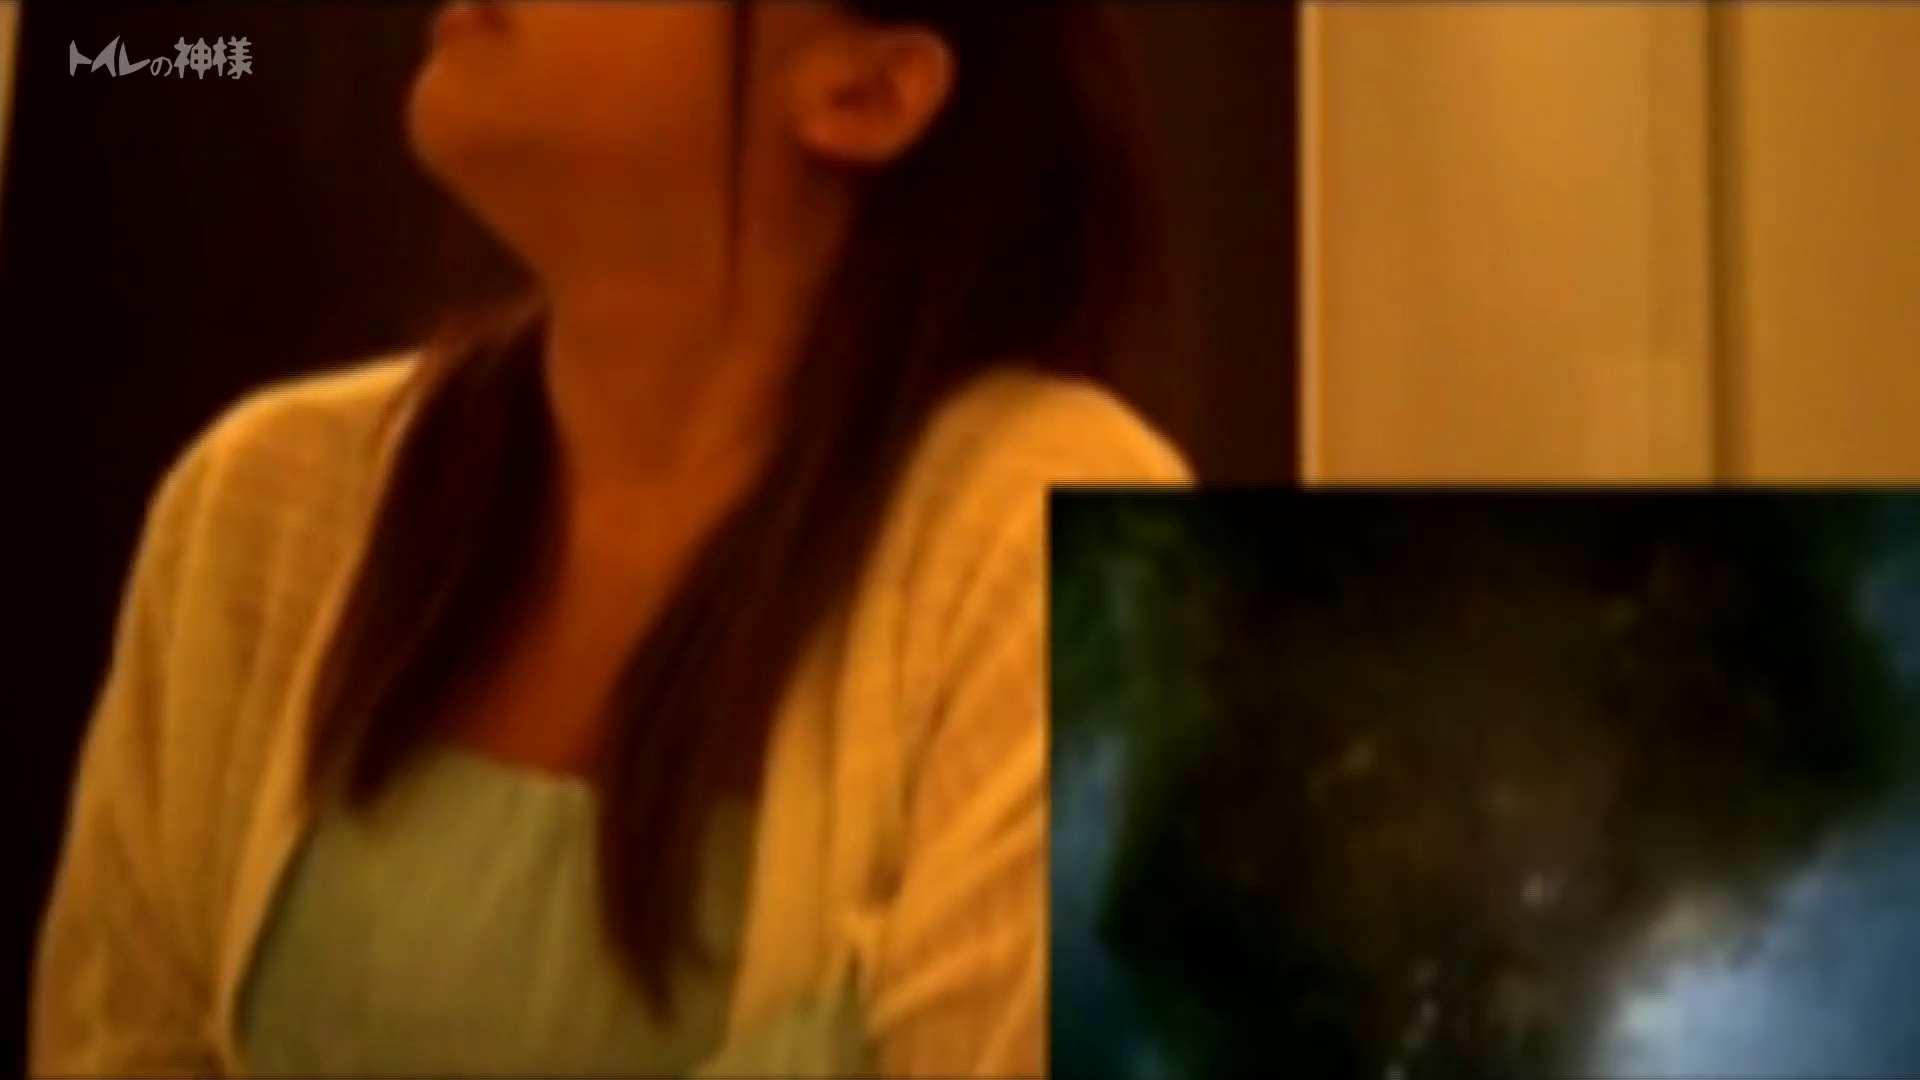 トイレの神様 Vol.03 彼女のうんち隠し撮り 盛合せ アダルト動画キャプチャ 111枚 108